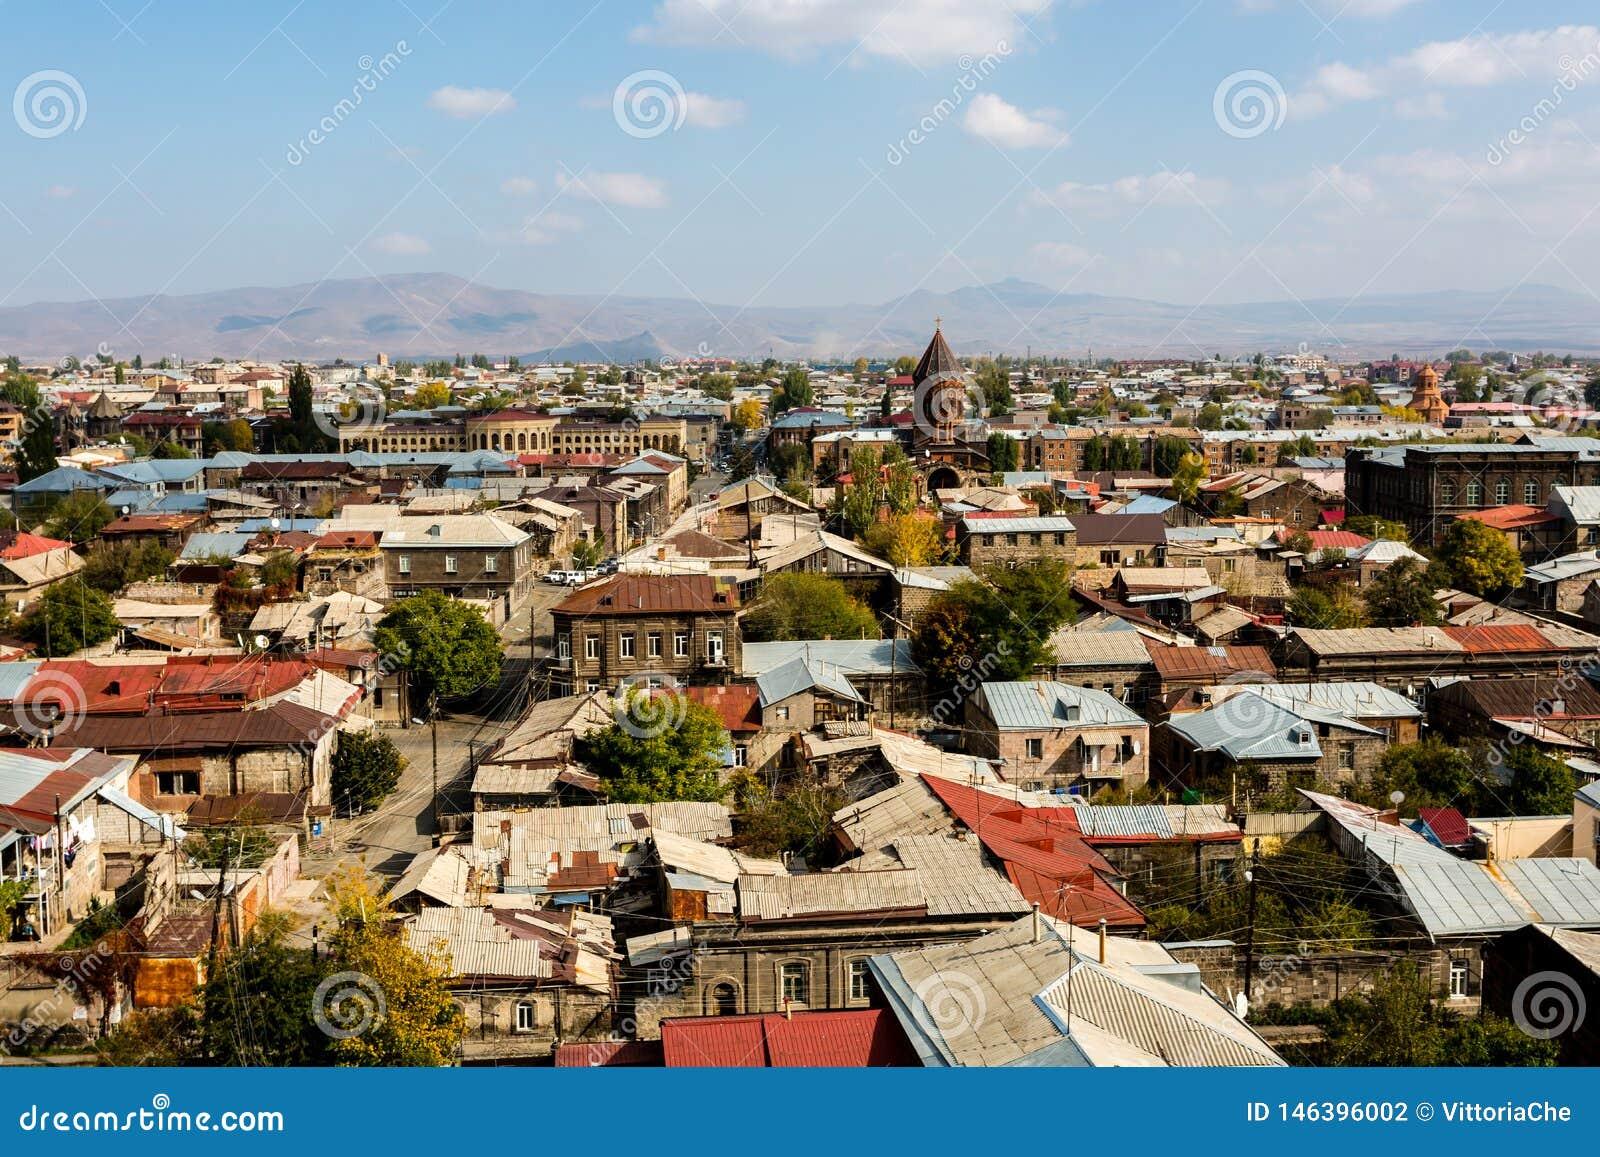 Ansicht Uber Gyumri Stadt Armenien Mit Der Haube Der Kirche Gegen Den Hintergrund Der Berge Stockfoto Bild Von Stadt Armenien 146396002